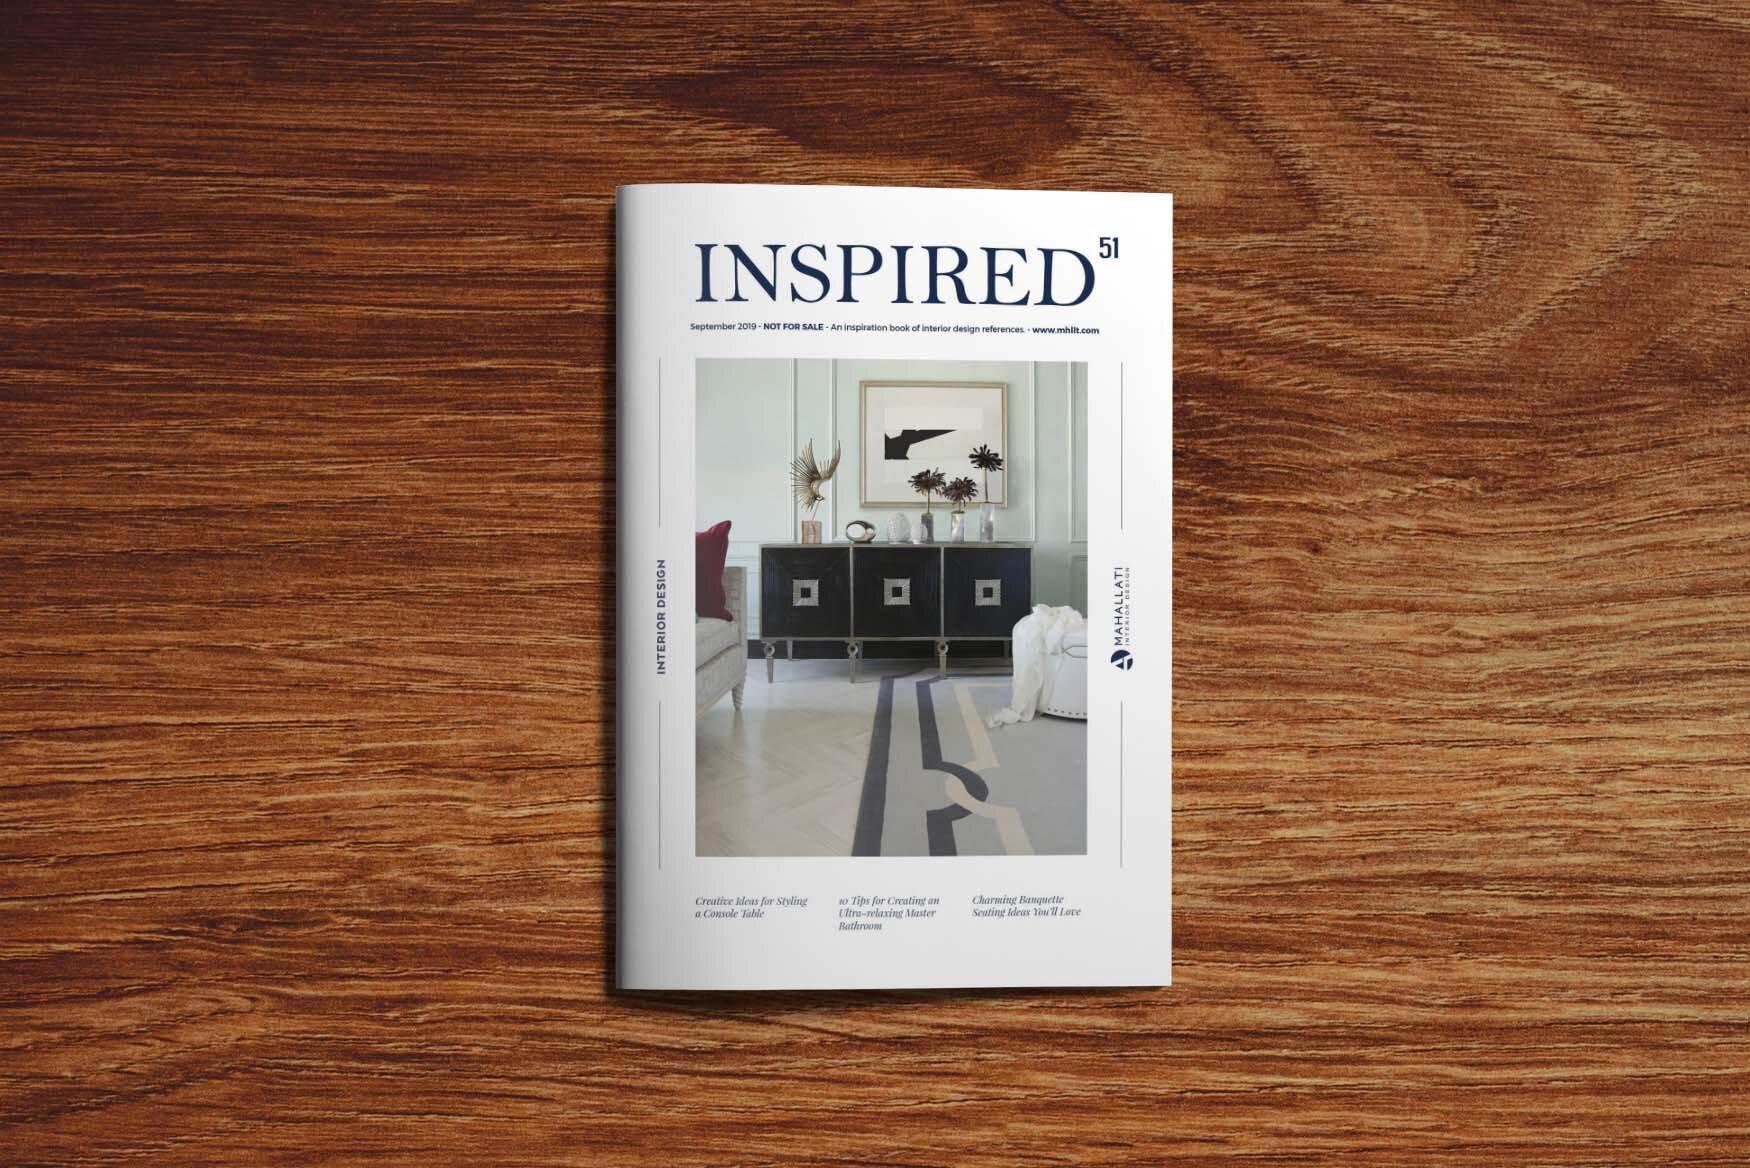 Inspired Vol 51 - September 2019